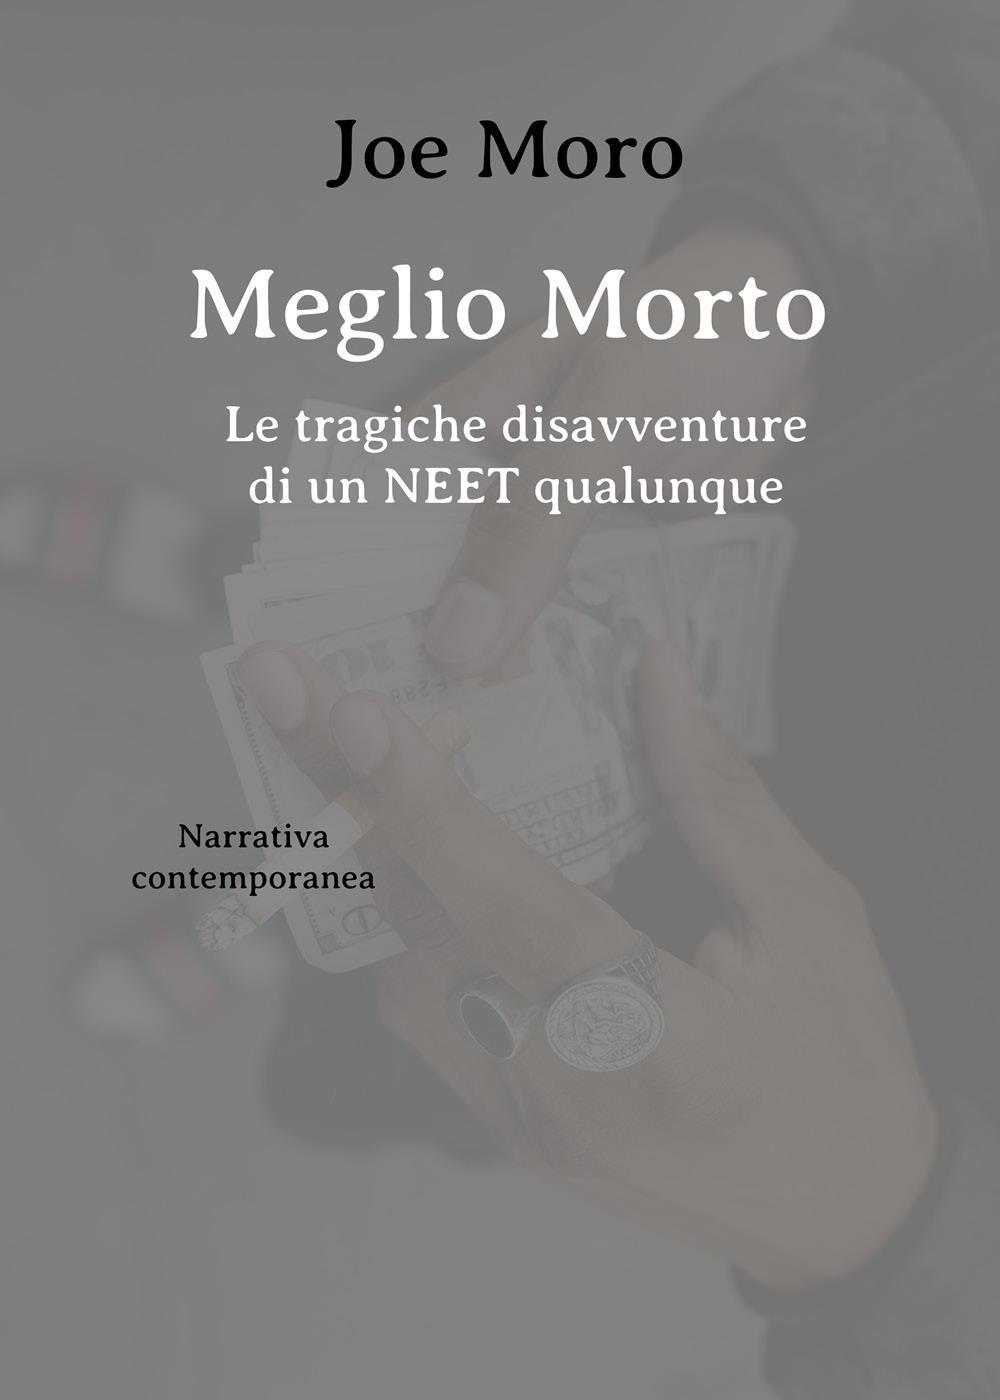 Meglio Morto - Le tragiche disavventure di un NEET qualunque